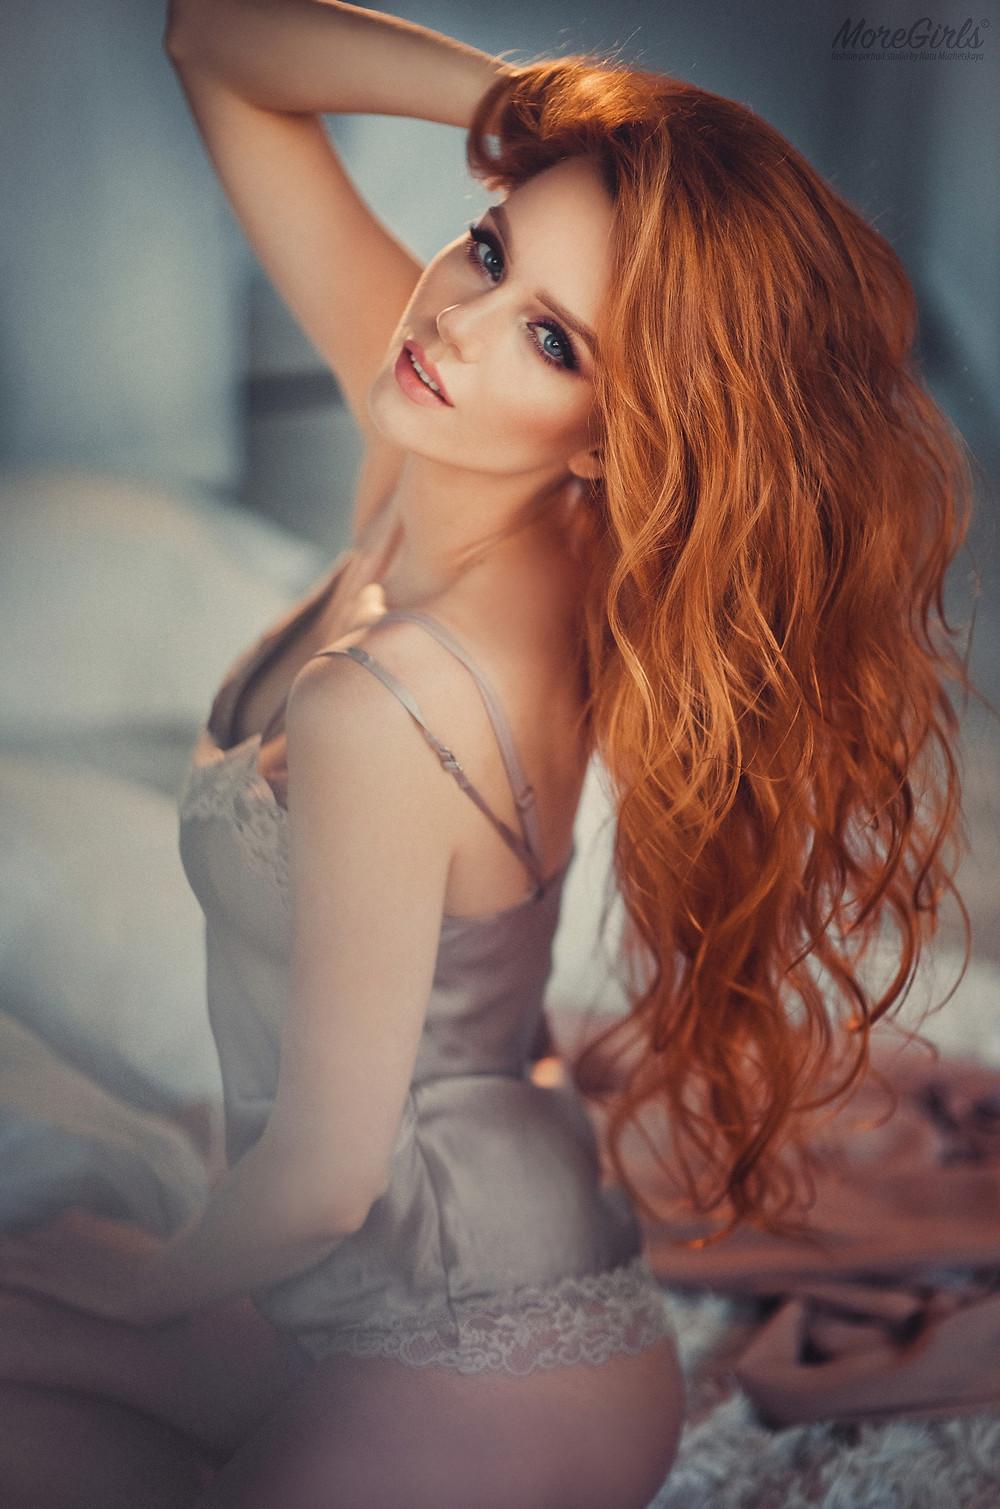 Портрет рыжеволосой девушки в белье в студии